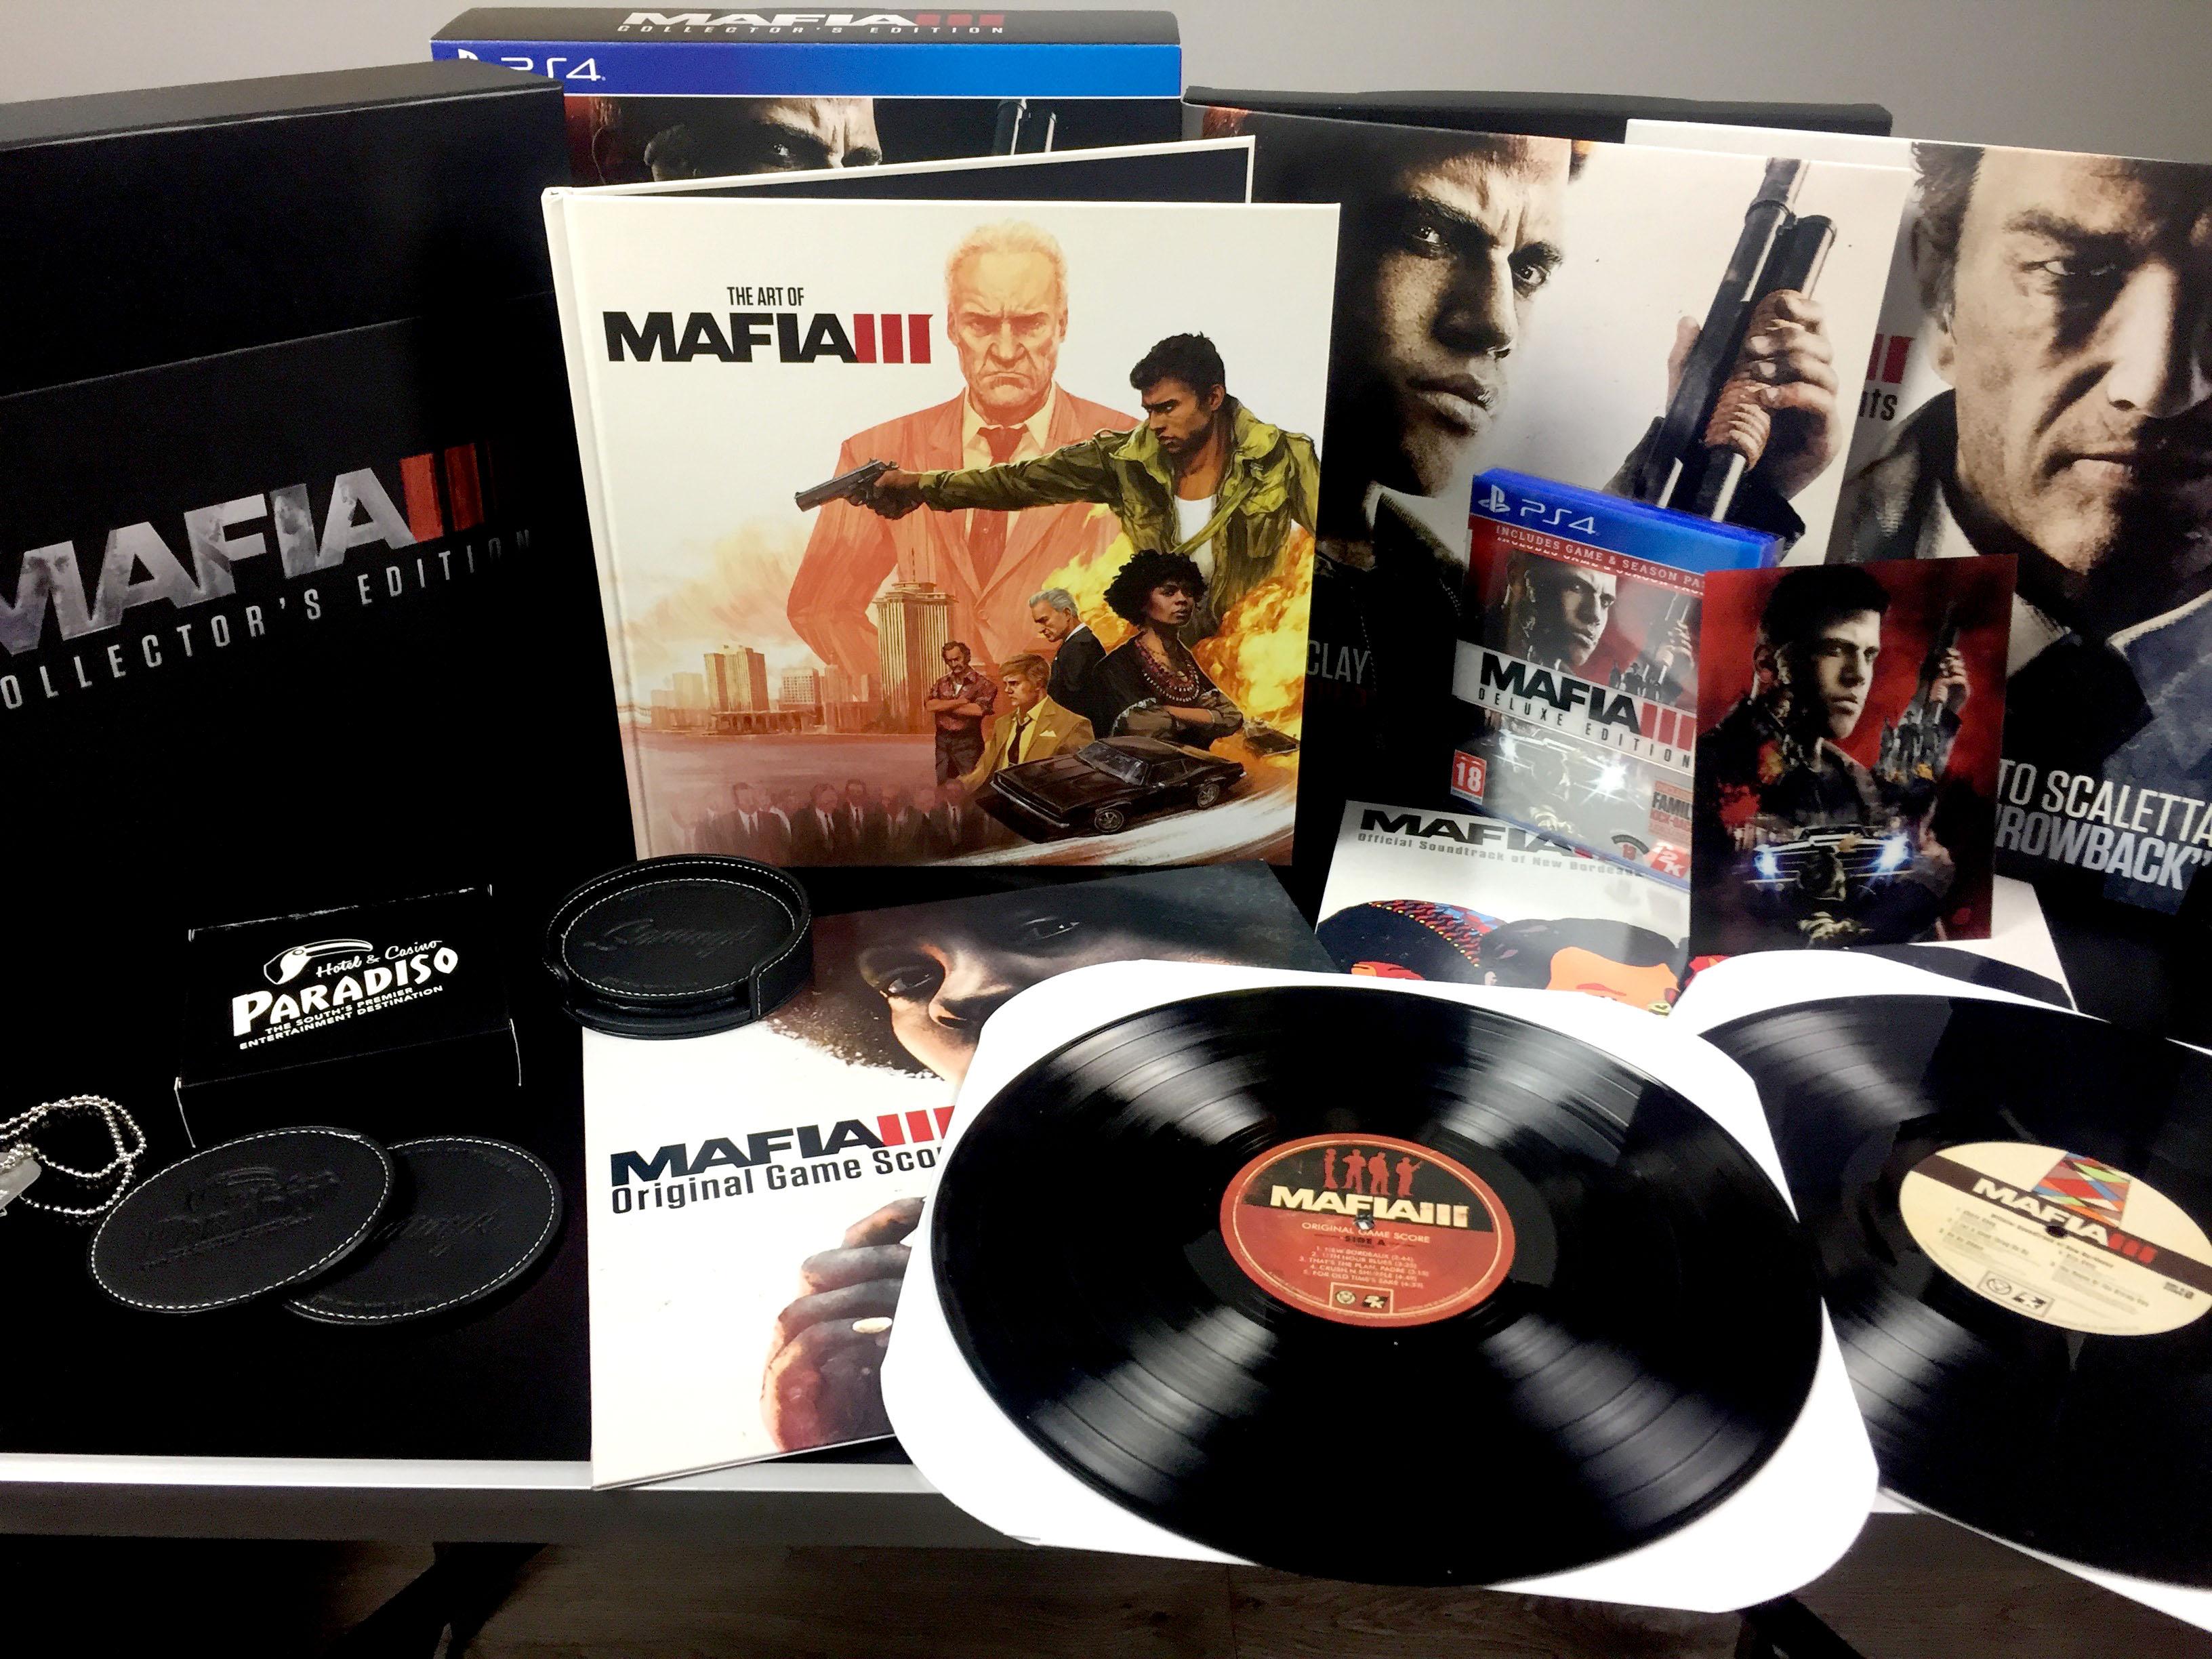 Картинки по запросу mafia iii collector's edition ps4